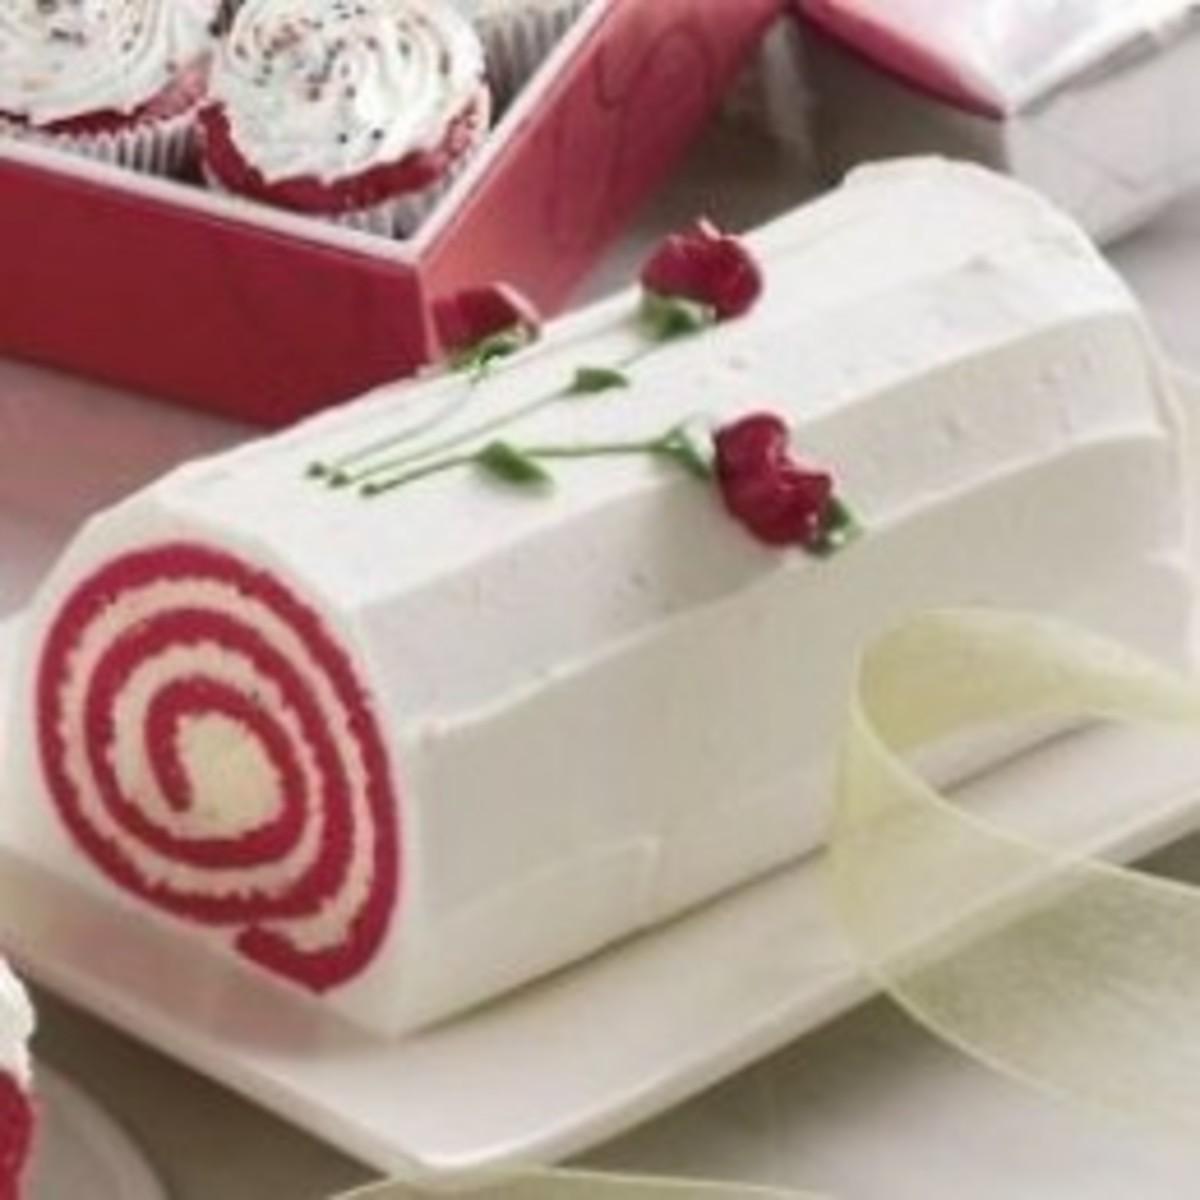 Wisconsin Cheeseman Red Velvet Swirl Cake